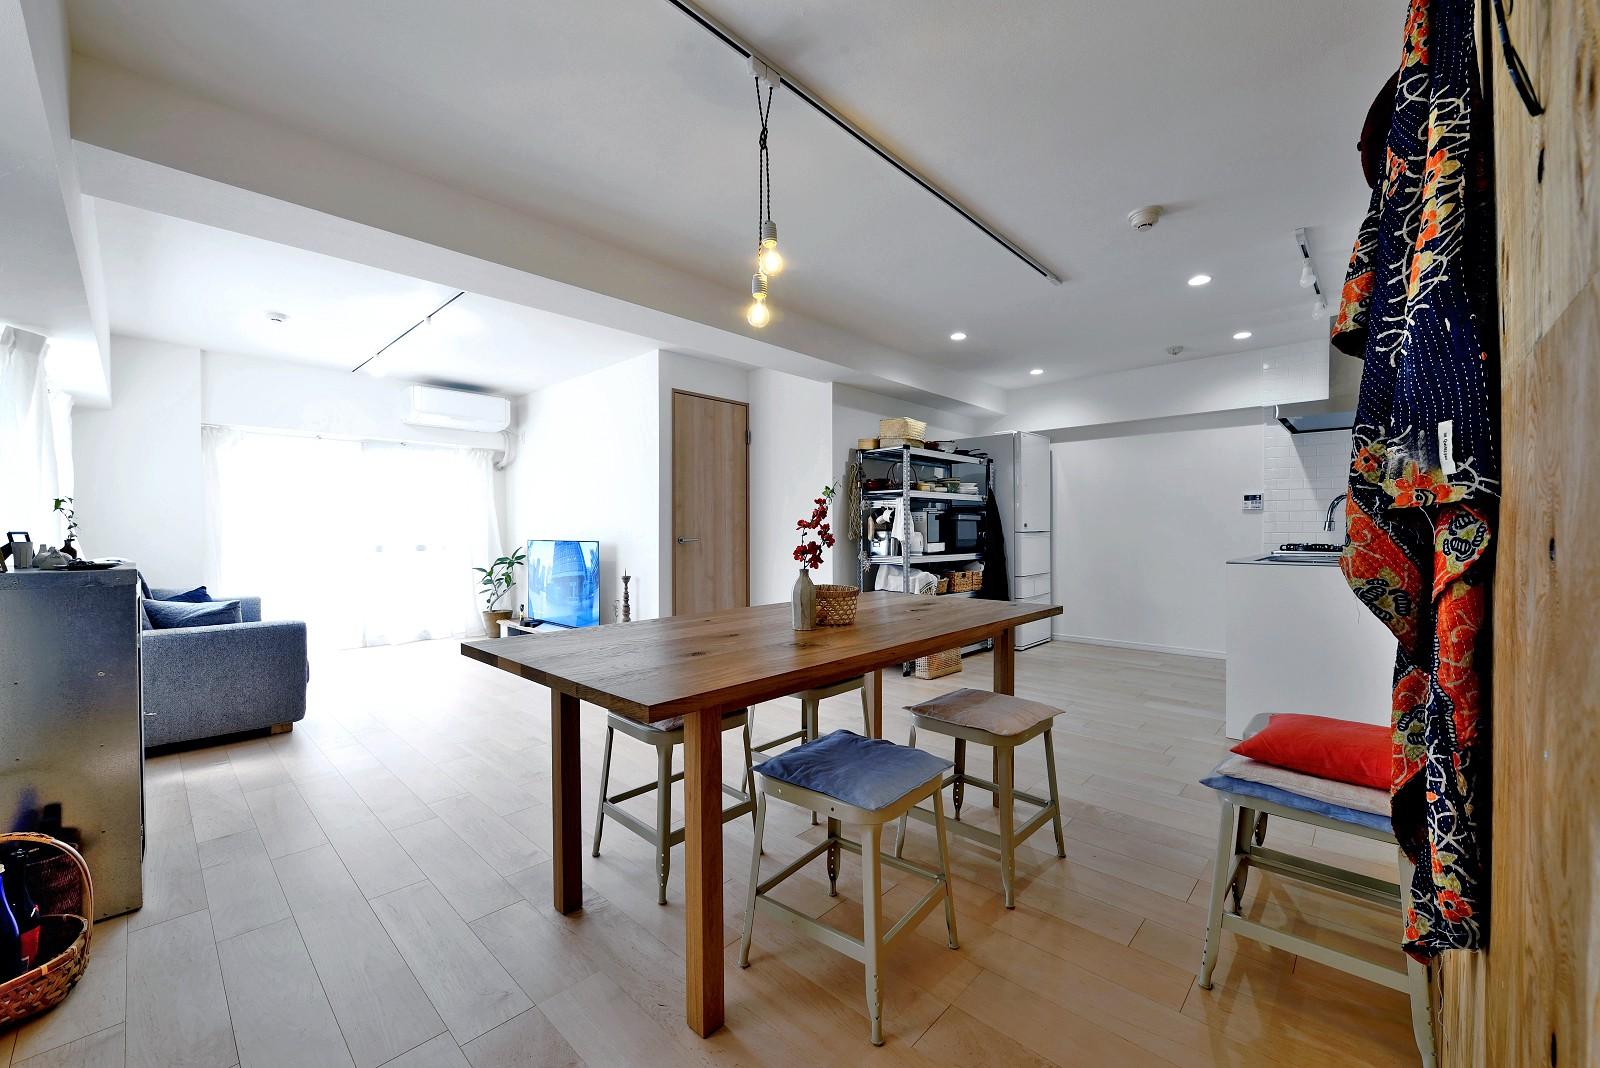 リビングダイニング事例:居室とキッチンが繋がり広々LDK(ラフだけどシンプル。ラーチ合板のボックスWTCと土間でつくる、ご夫婦のSOHO住まい)